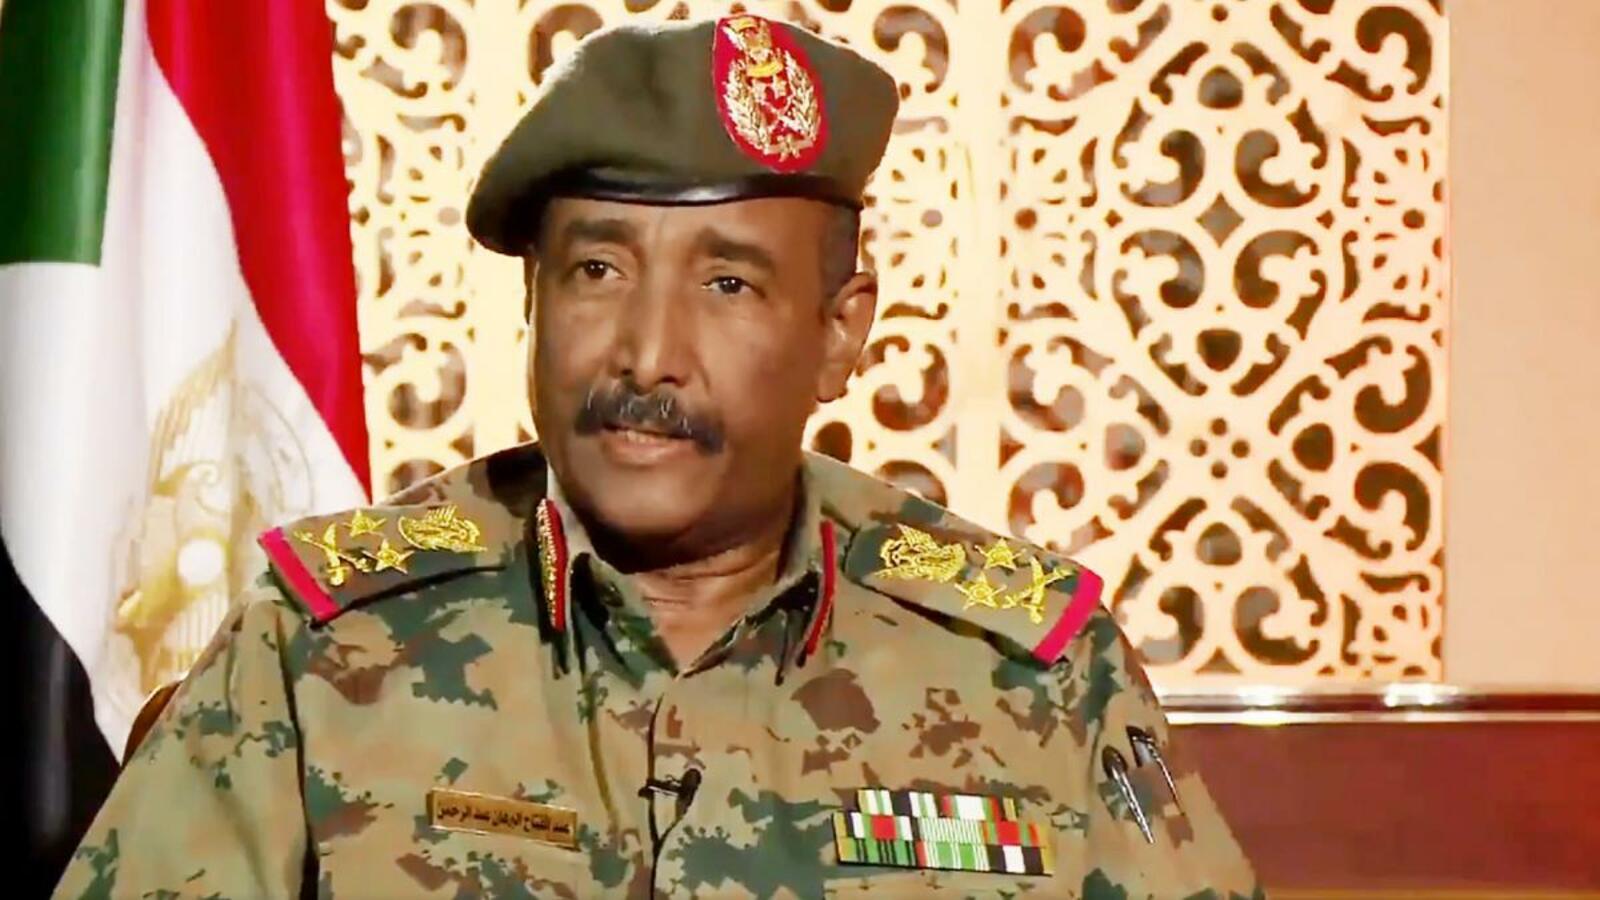 العميد دكتور ركن عامر محمد الحسن، الناطق الرسمي للقوات المسلحة السودانية